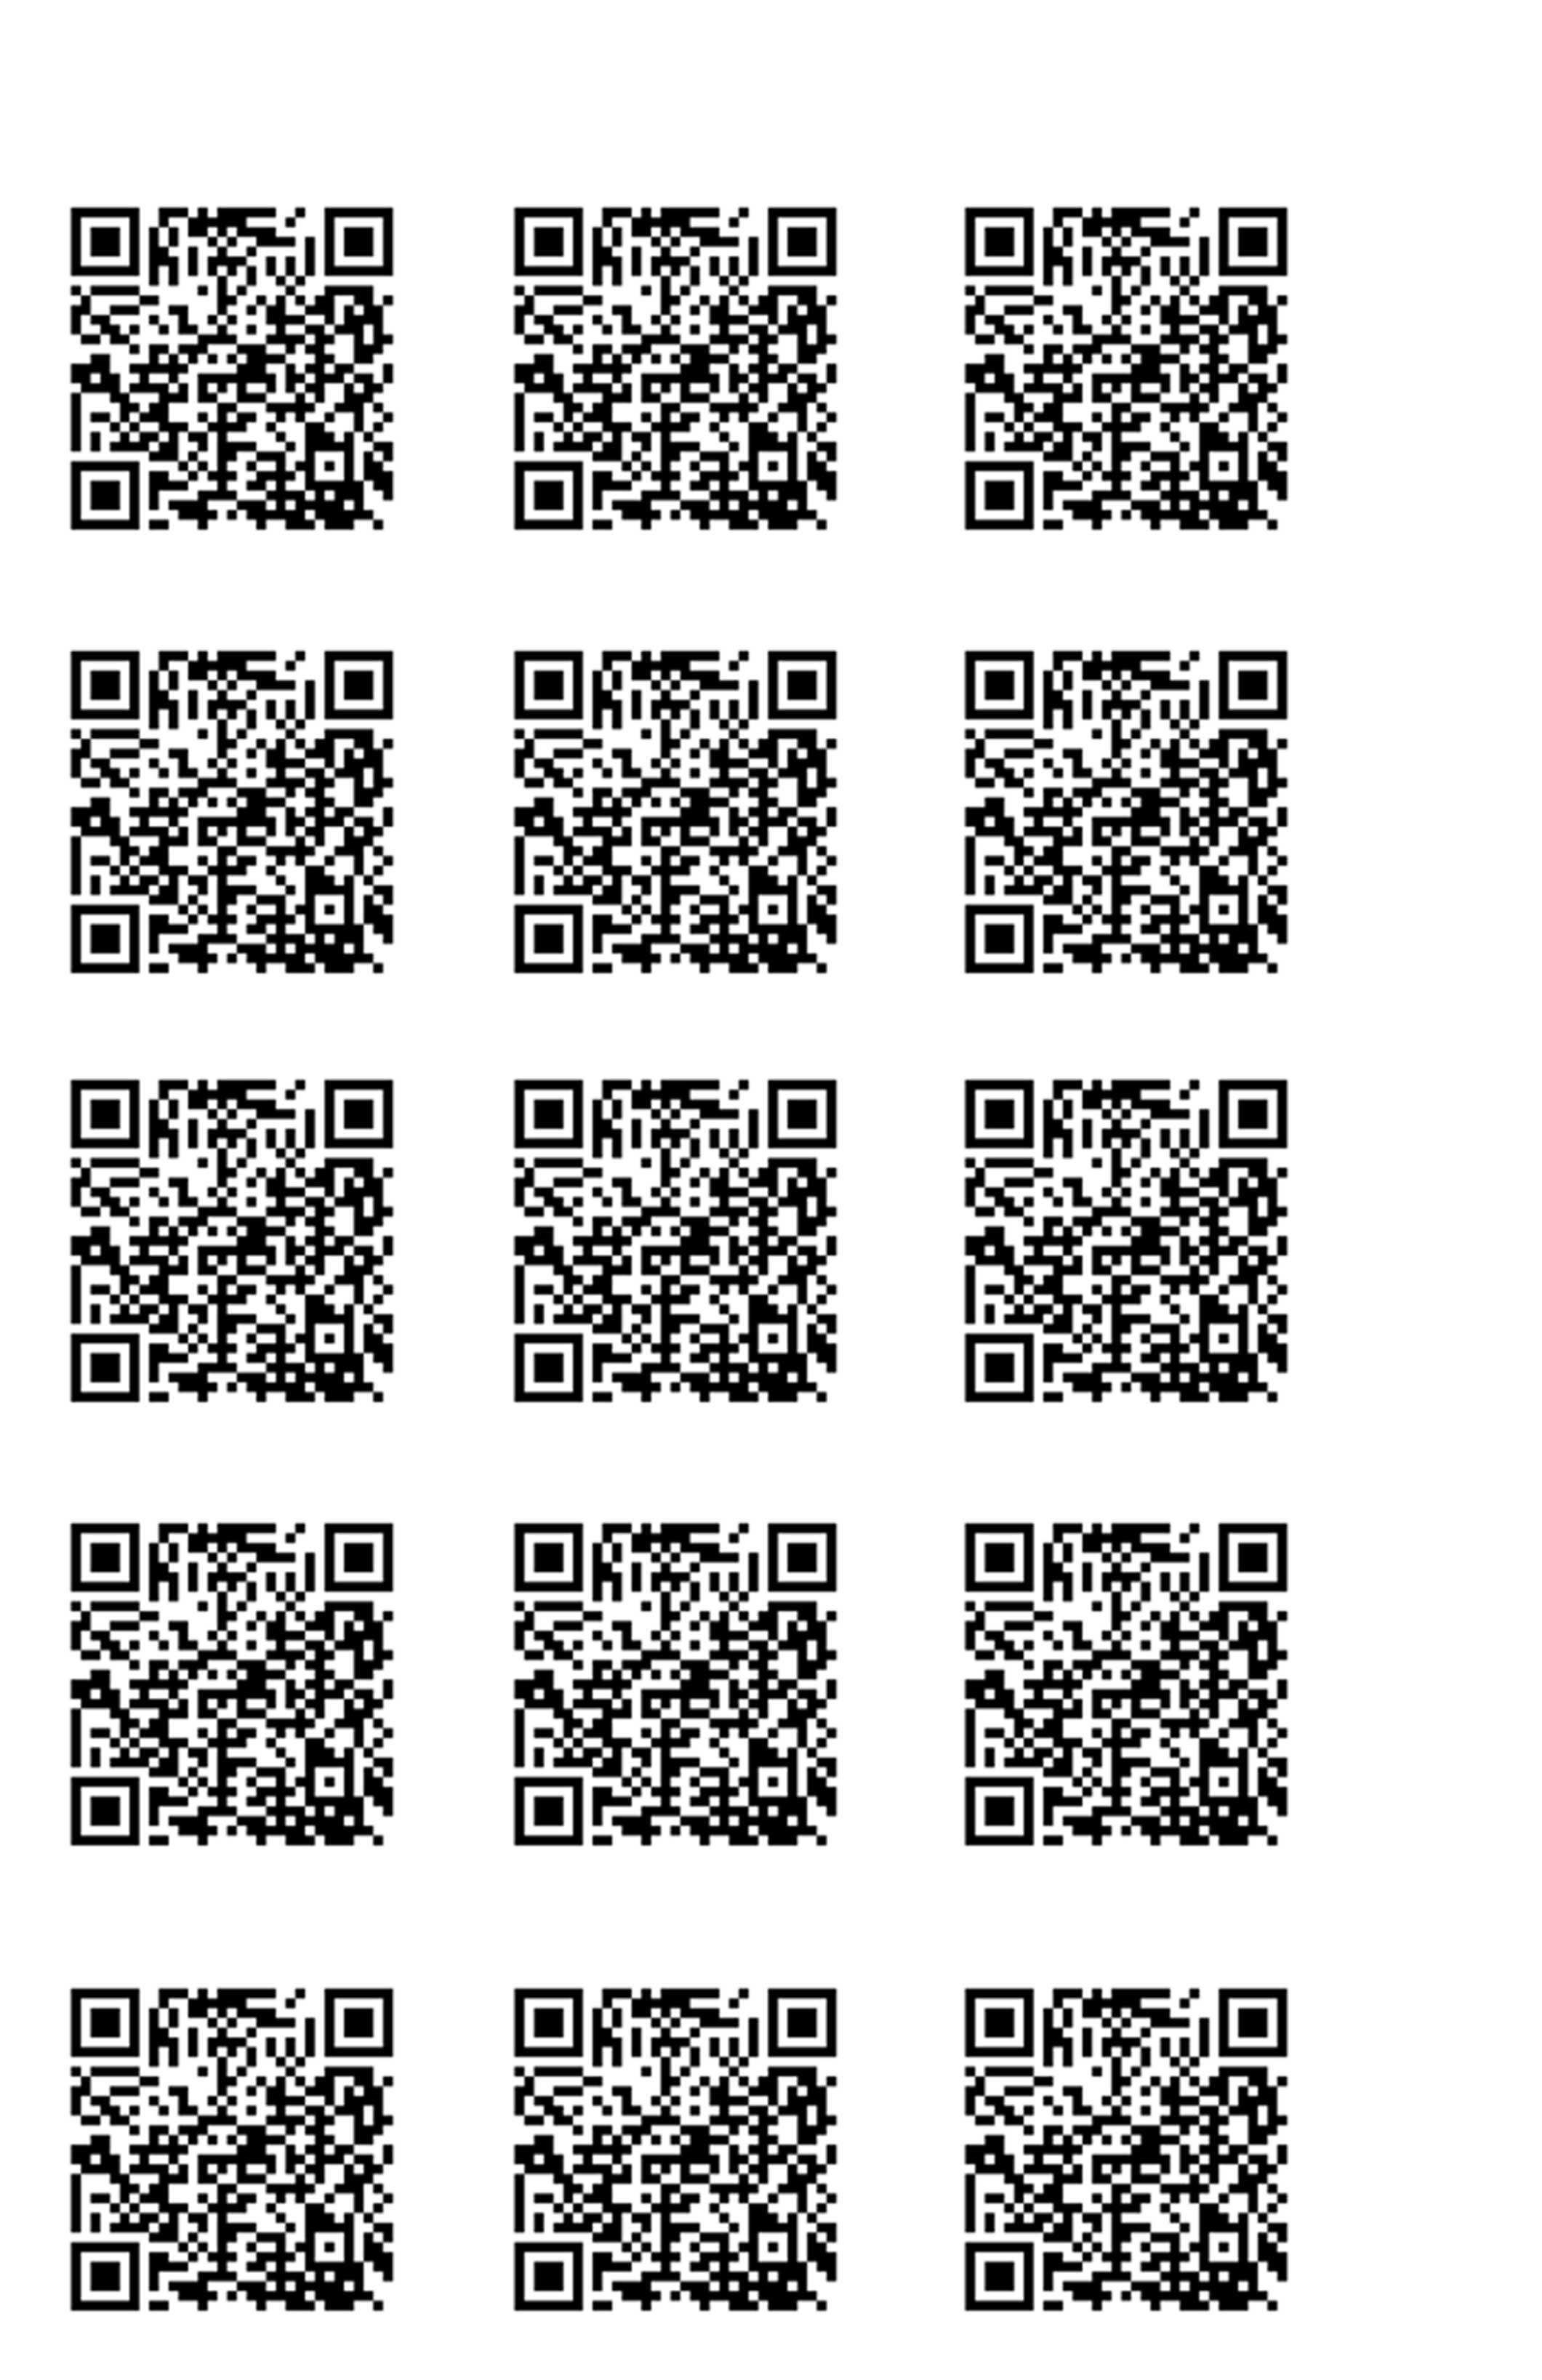 Le Jeune moderne.RFID Sans contact-Autocollant QR CODE décollable-Un simple autocollantQR CODE et votre vie change. Nous codons et imprimons sur étiquettes autocollantesdécollable spéciales le QRCODE de votre menu.Si vous n'avez pas de menu en ligne, nous nouschargeons de tout.Planche de 15 étiquettes.Livraison en quelques jours par LA POSTE.Cliquez ici pour tout savoir sur ce serviceou contactez nous au 06.77.81.36.47 par SMS, nous vous contacterons pour répondre à toutes vos questions.